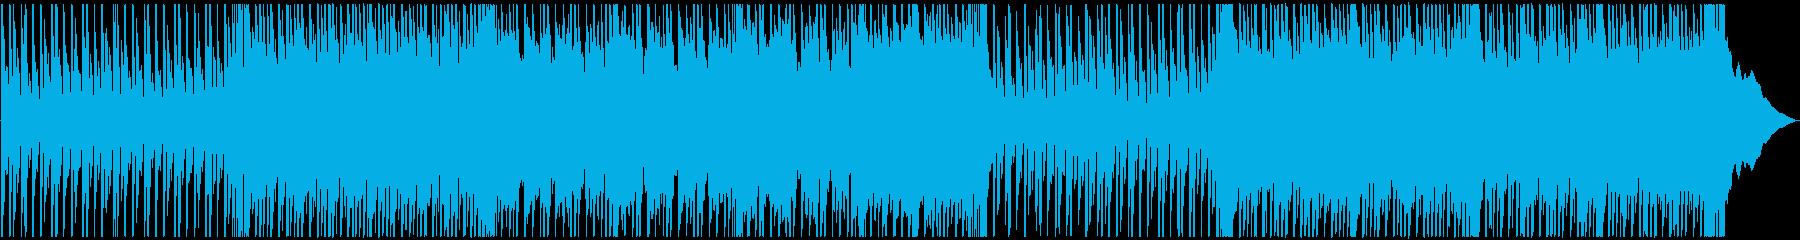 前向きモチーベーション上昇系ポップロックの再生済みの波形